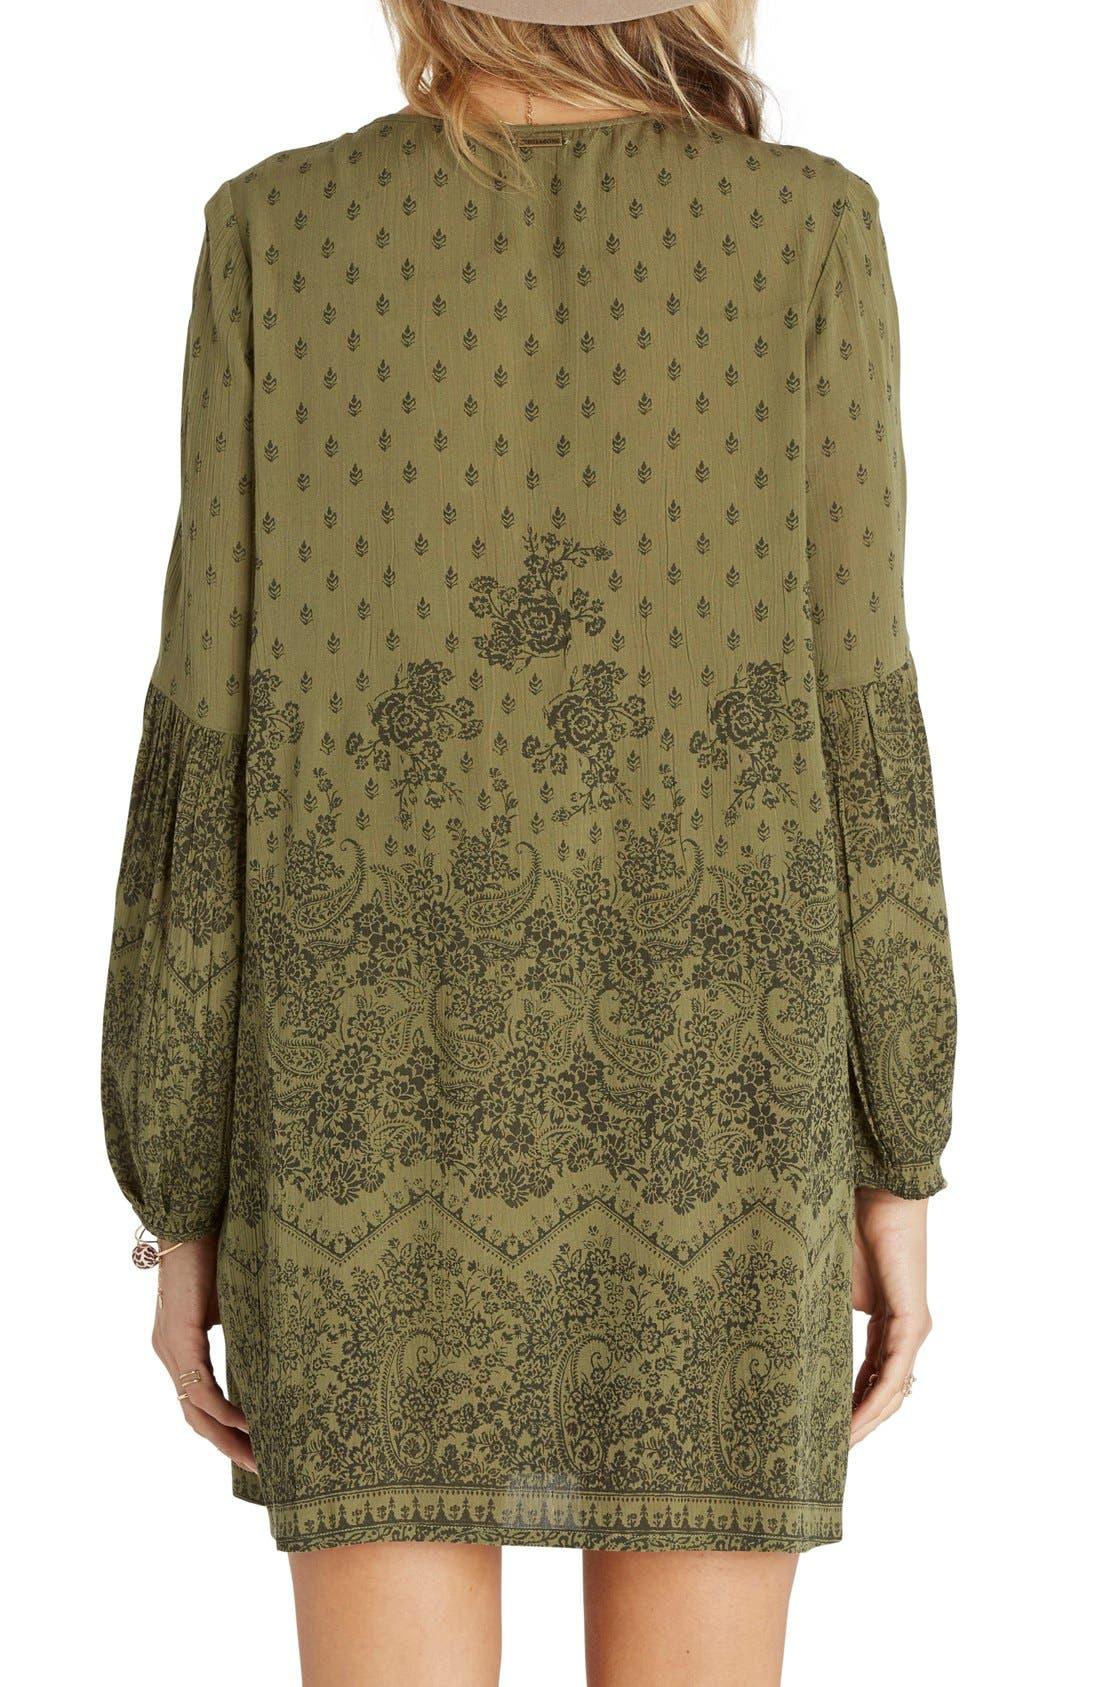 Alternate Image 2  - Billabong Just Like You Print Peasant Dress